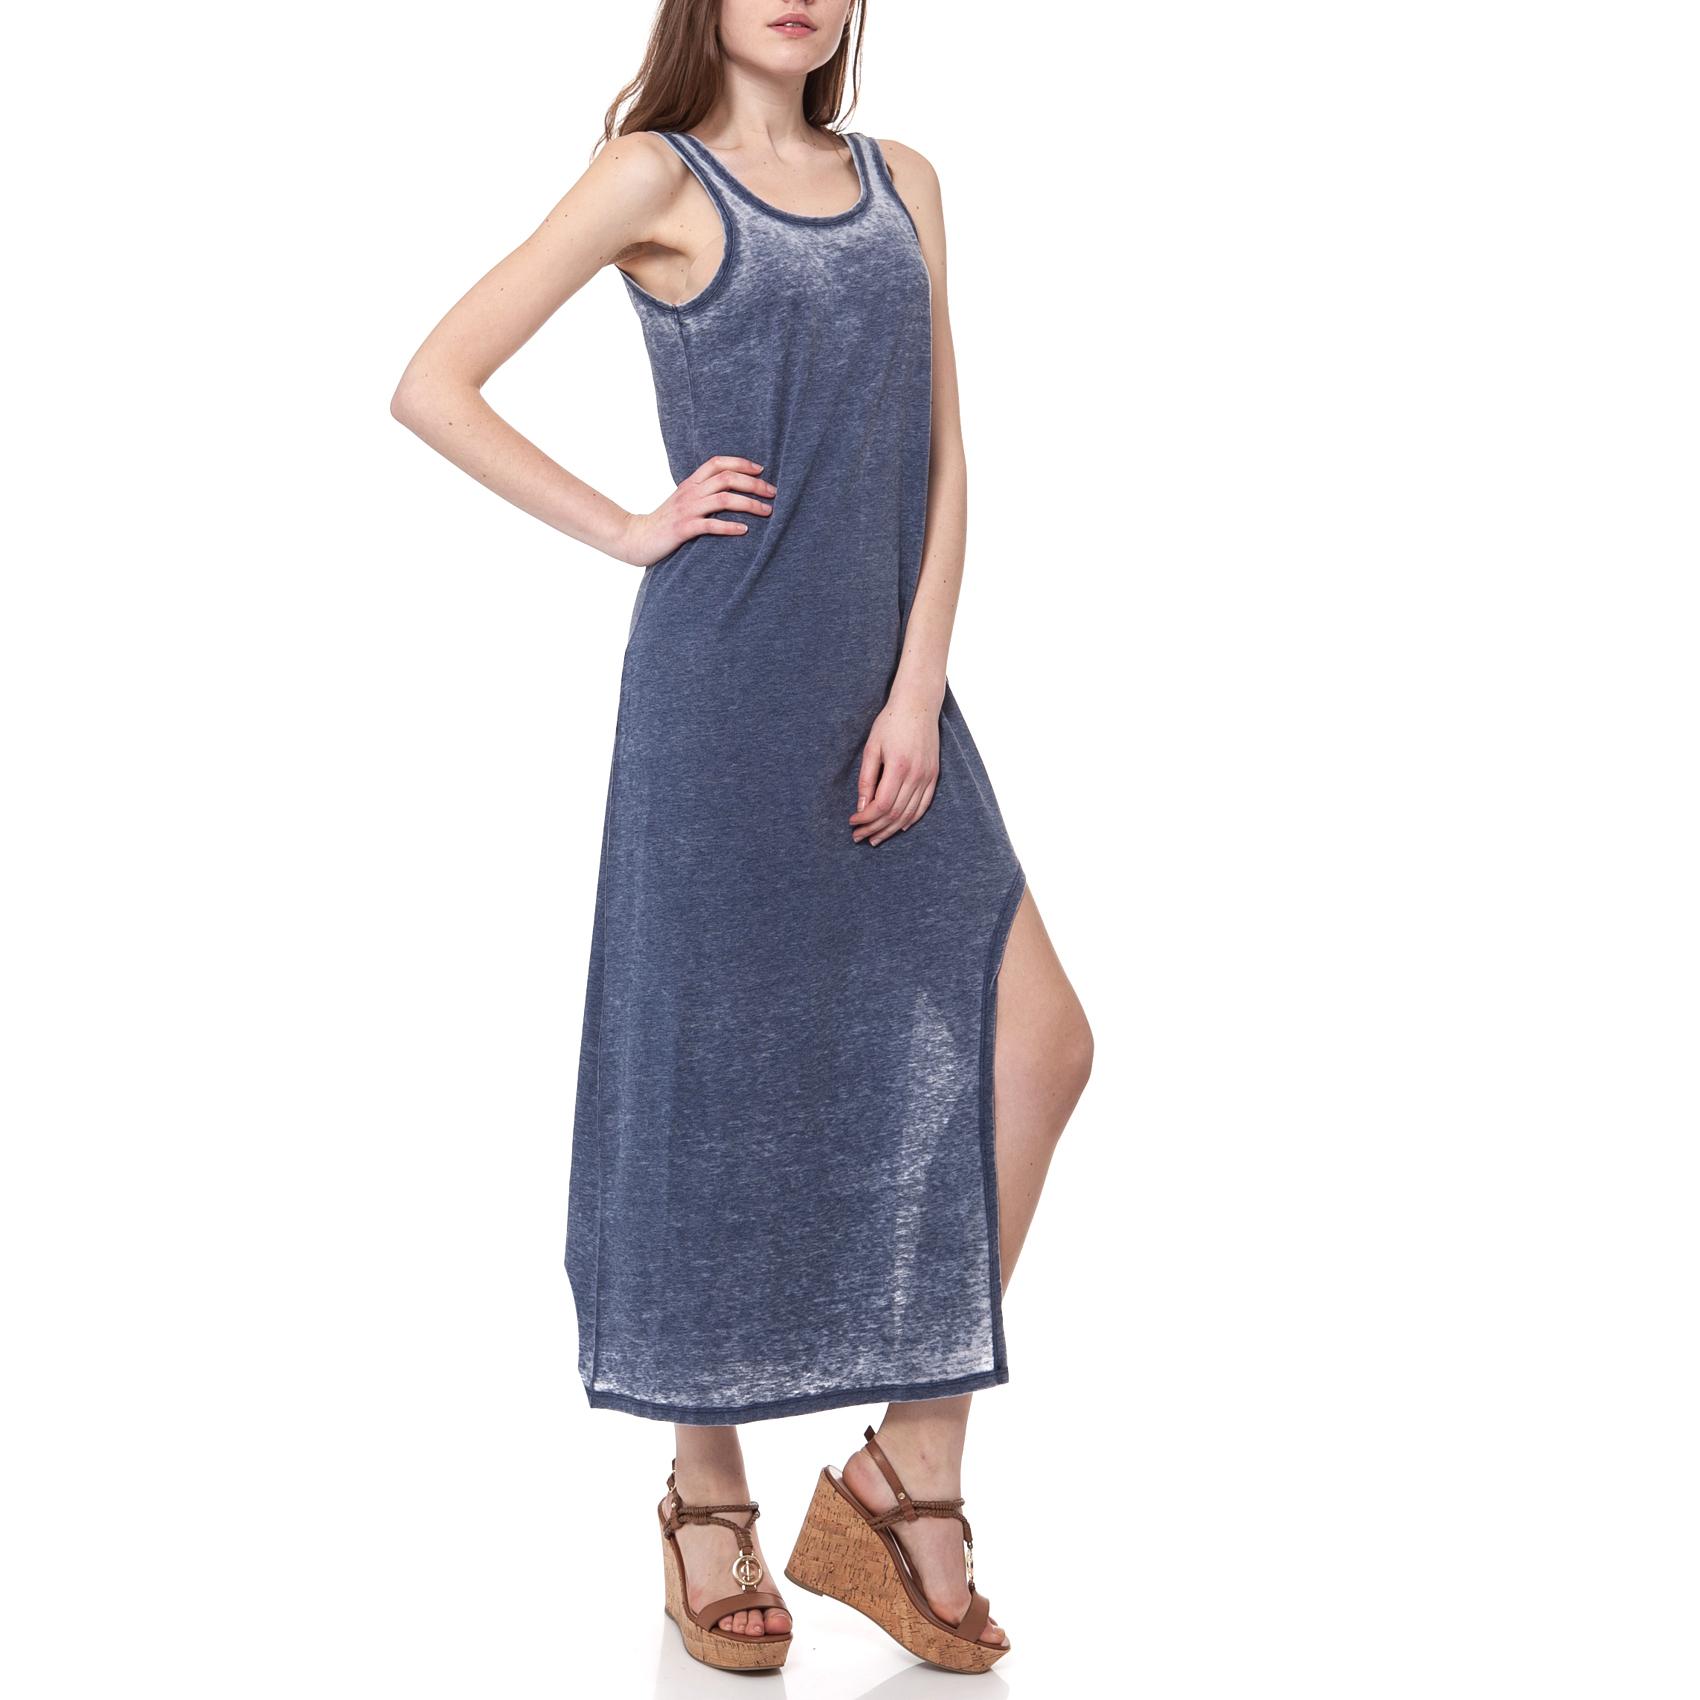 MYMOO - Γυναικείο φόρεμα MYMOO μπλε 03b2d22f678